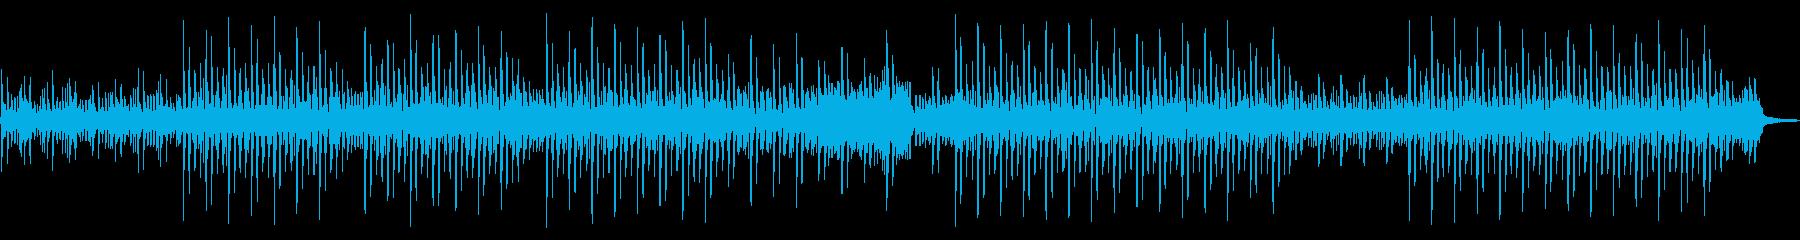 シンプルで無機質なエレクトロニカの再生済みの波形